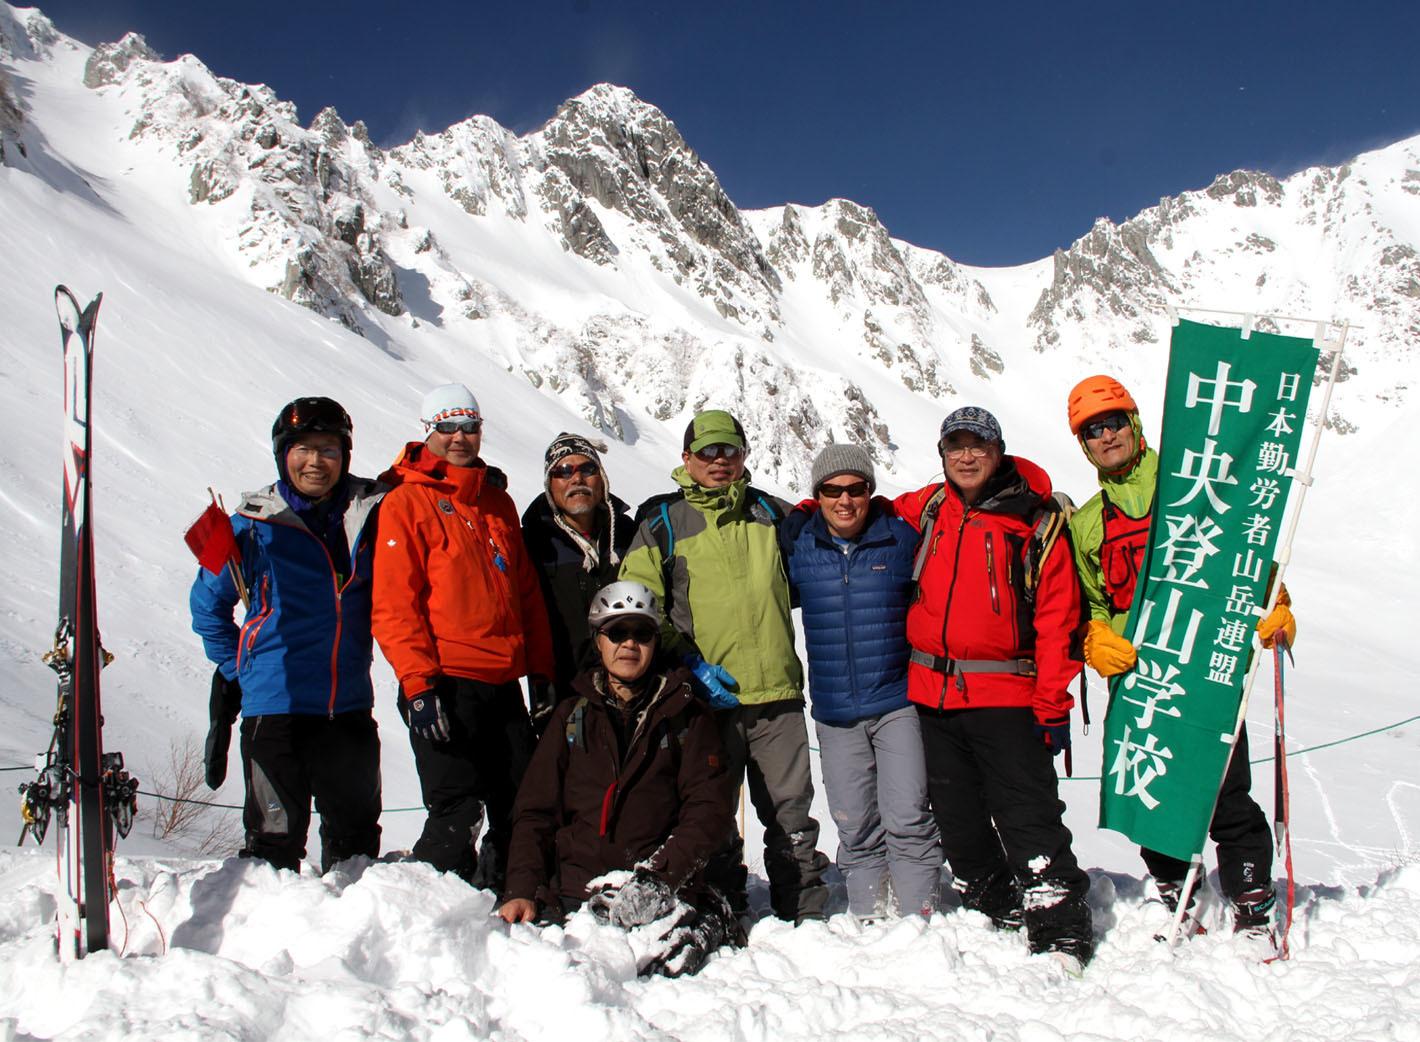 国際標準雪崩レスキュー (32)★